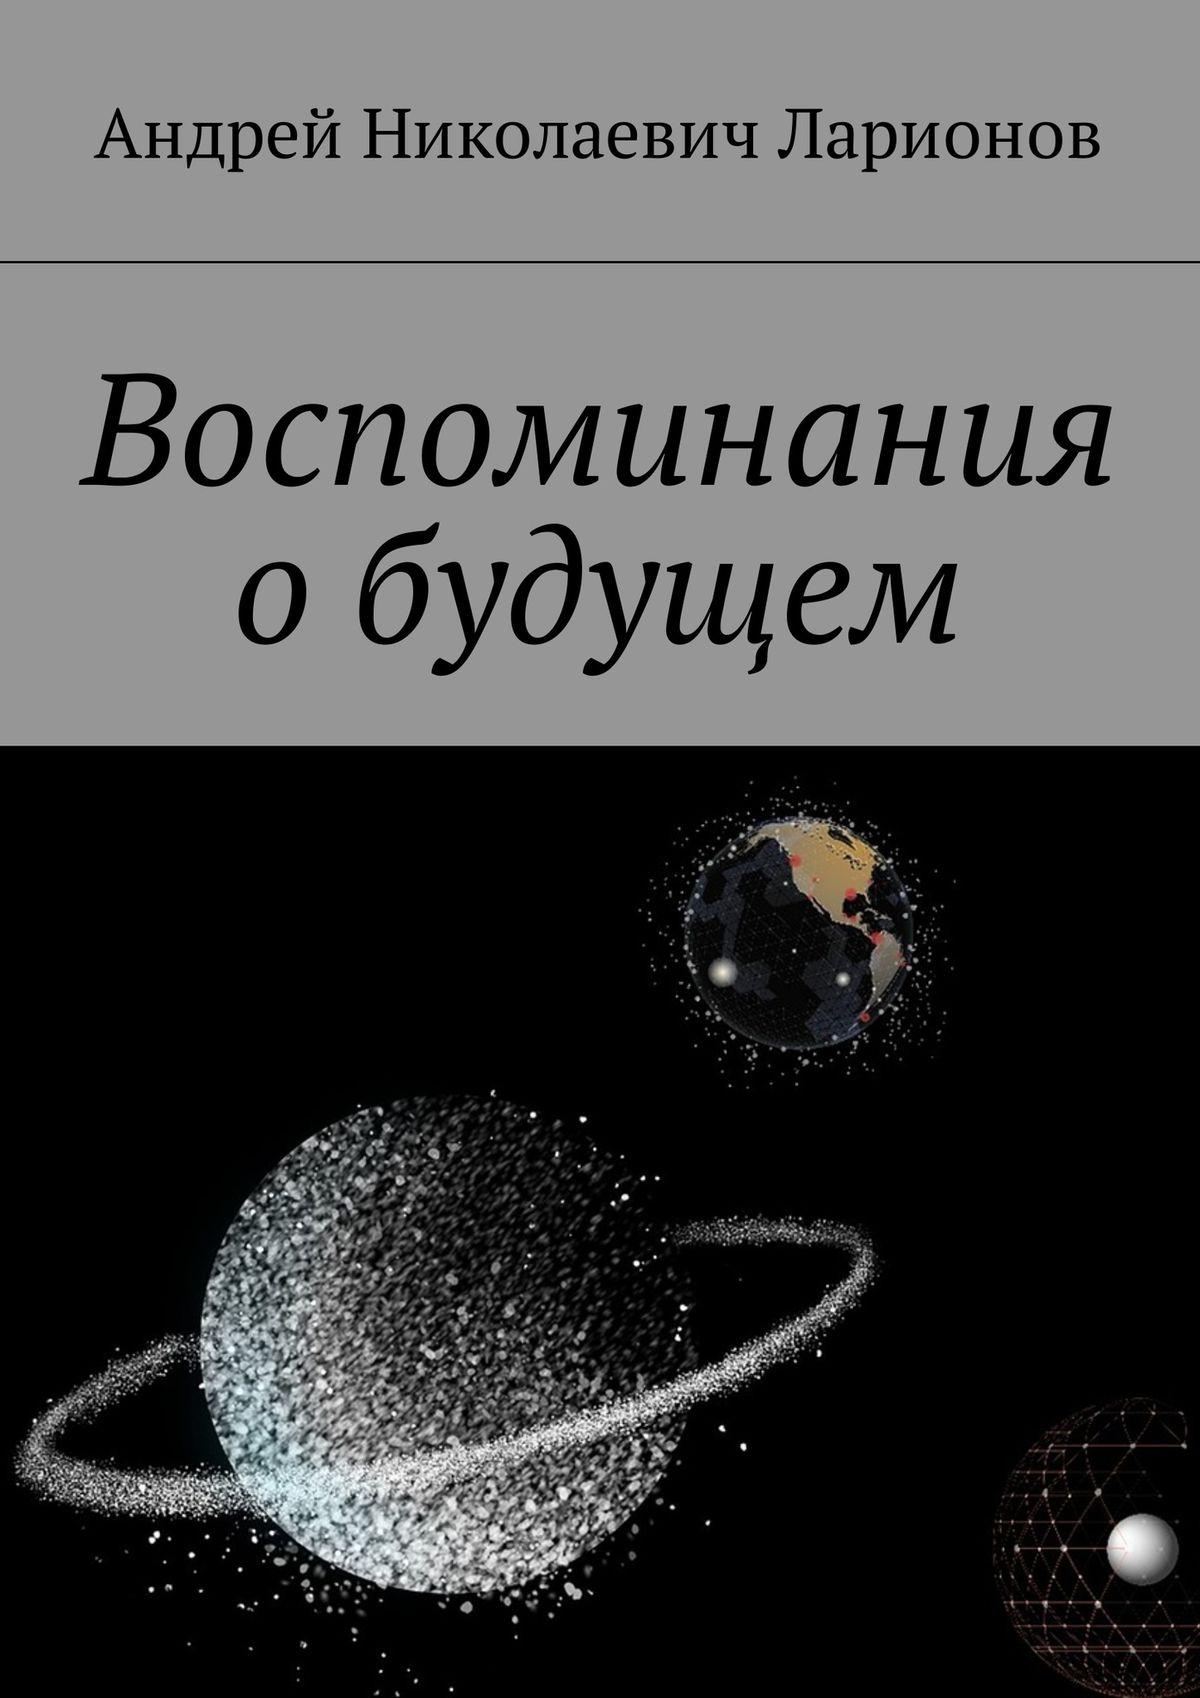 Андрей Николаевич Ларионов Воспоминания обудущем александр филимонов прожитых лет воспоминания